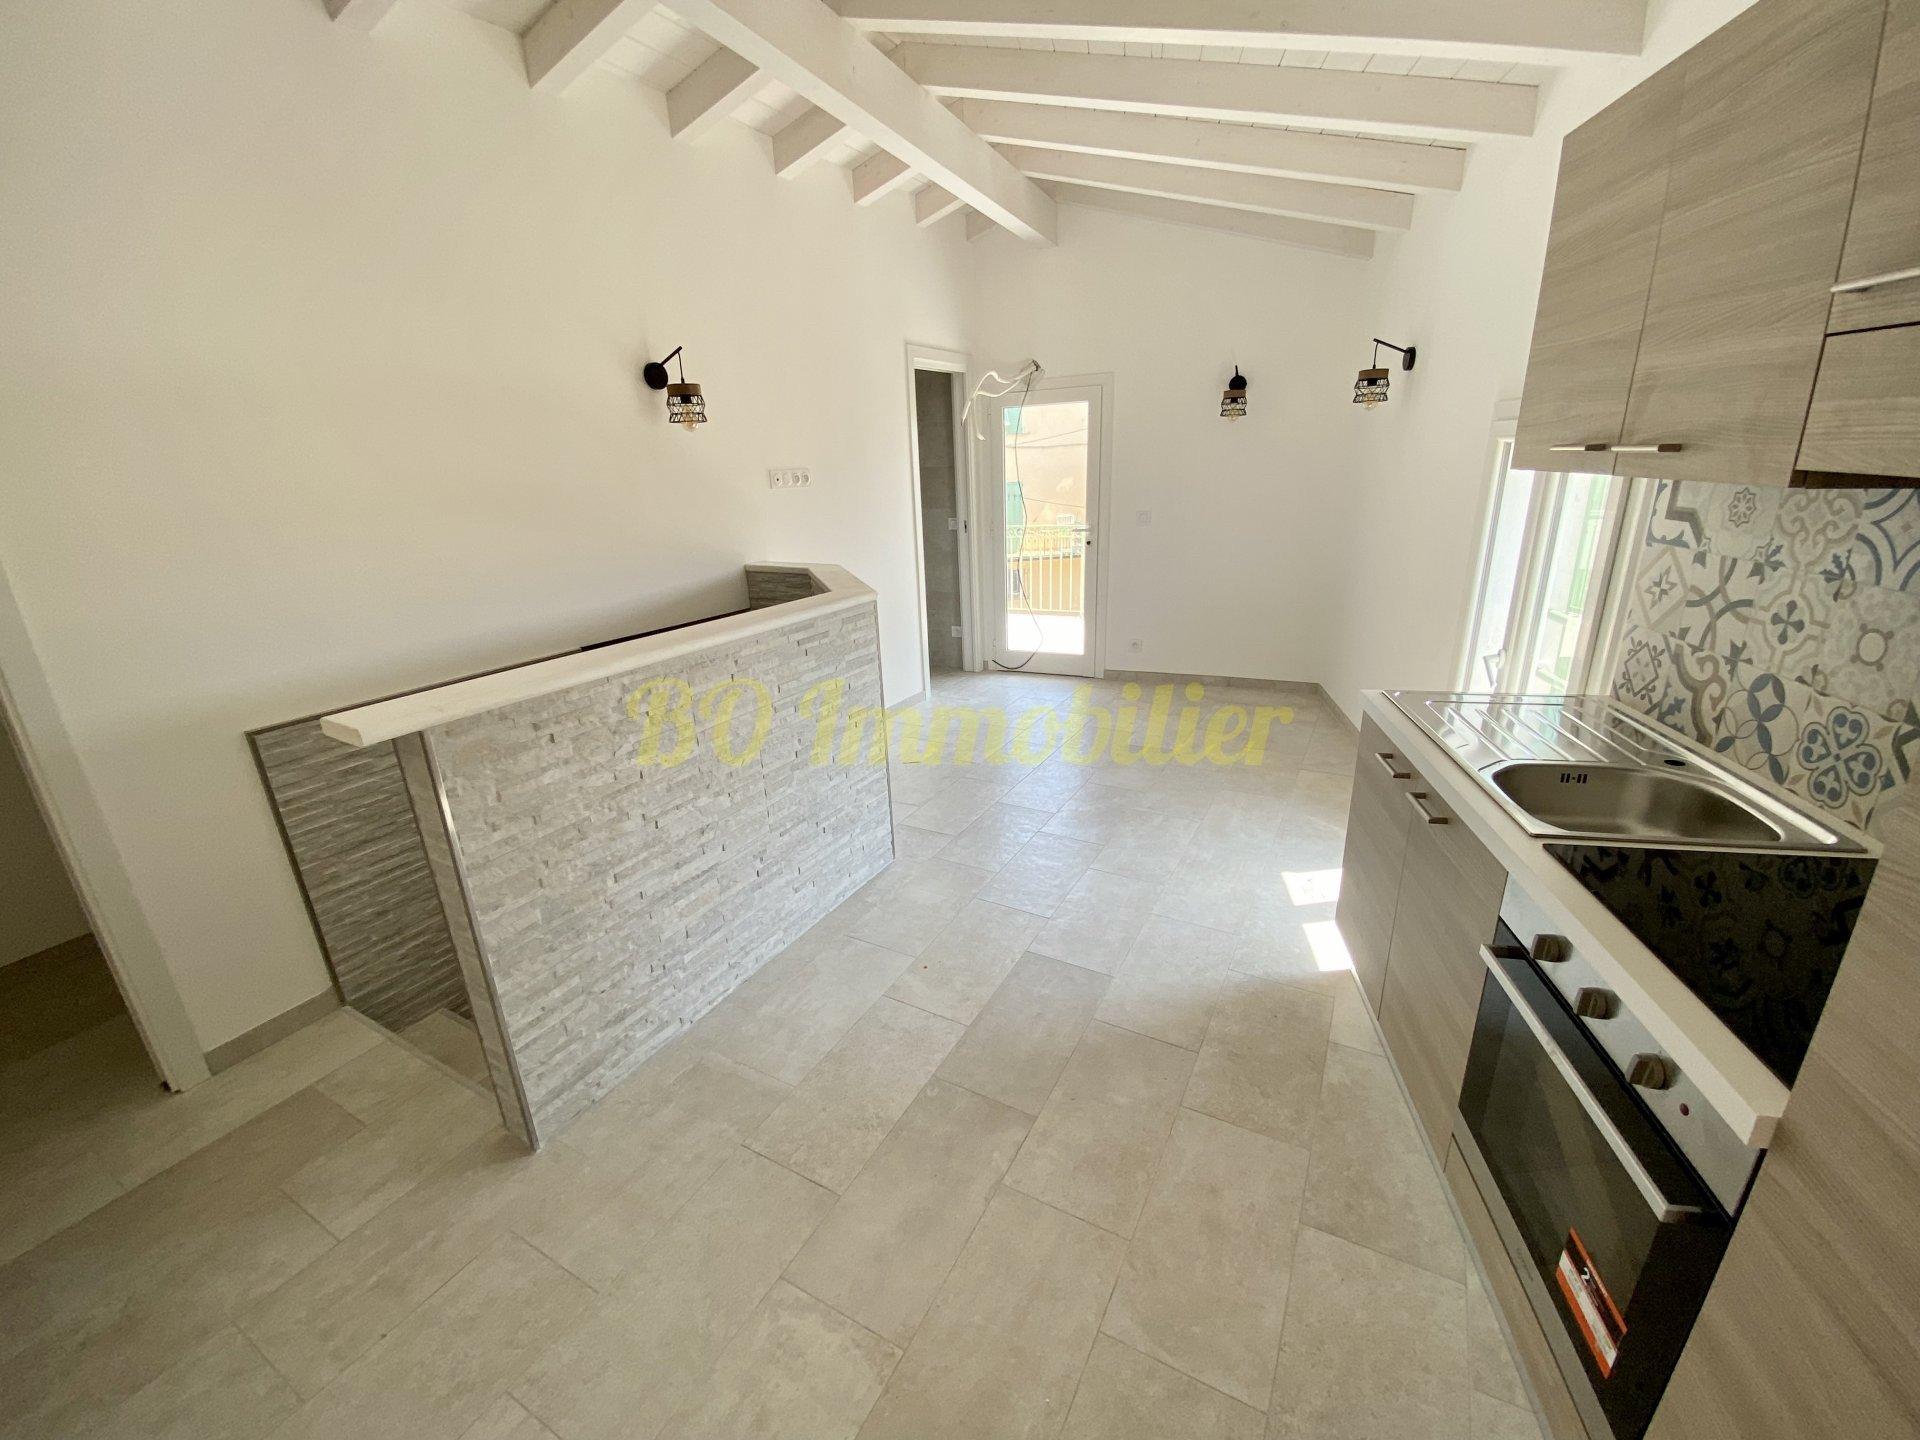 Magnifique 2p de 40m² + terrasse, entièrement refait à neuf